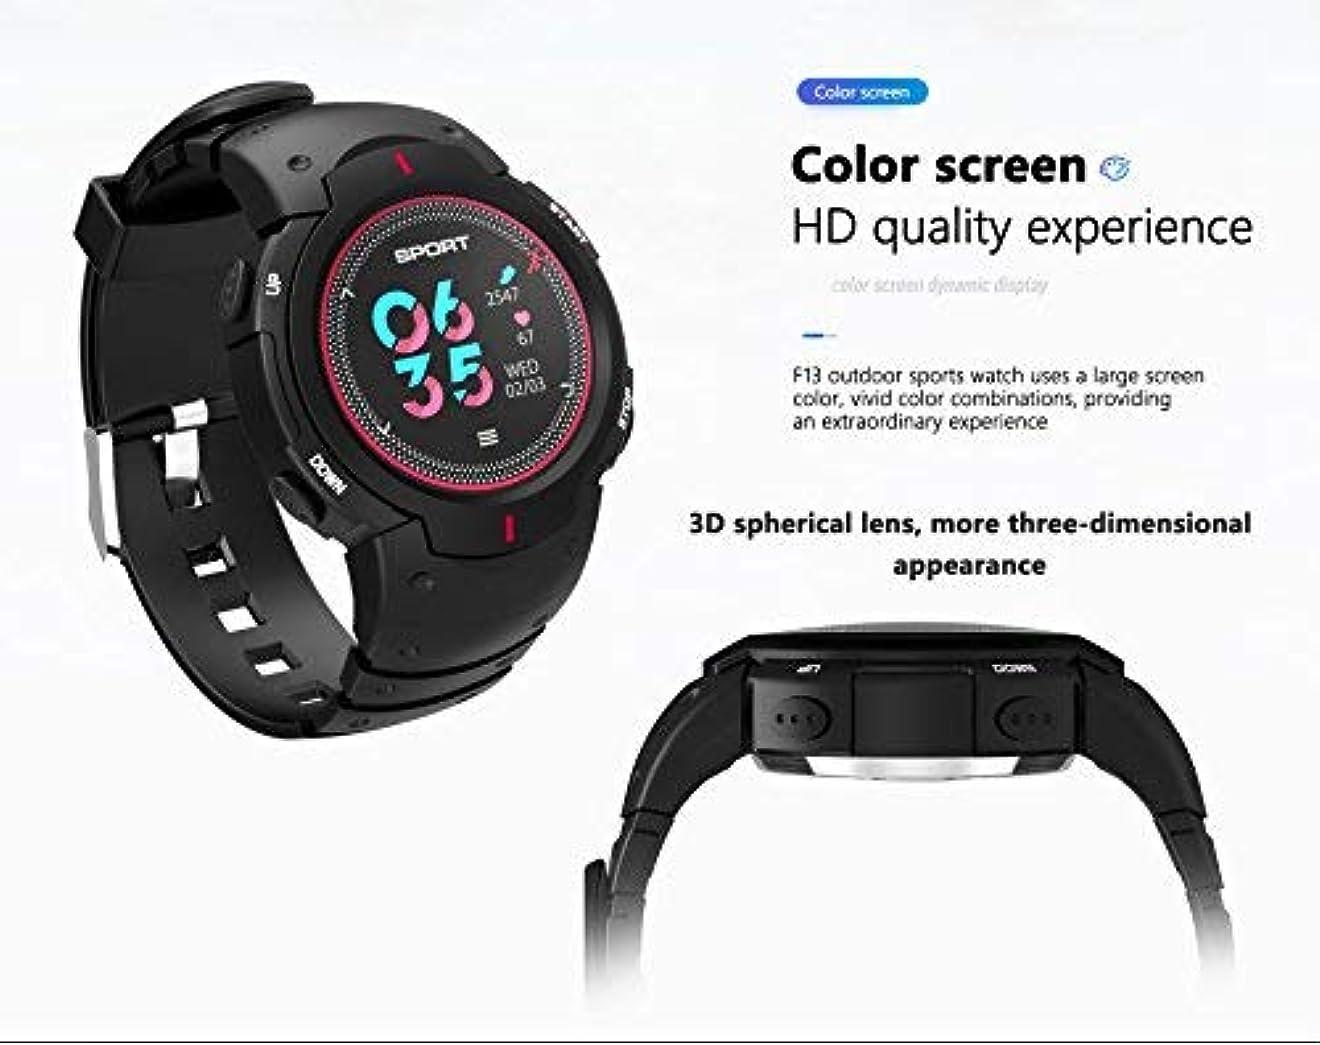 スマートウォッチ、SIMPLE DO スマートブレスレット 心拍計 睡眠検測 歩数計 運動用腕時計 カロリー計測 着信通知 腕時計型 長座注意 心拍計 血圧計 男女兼用 シリコンバンド スマートアラーム iOS Android対応(グリーン)